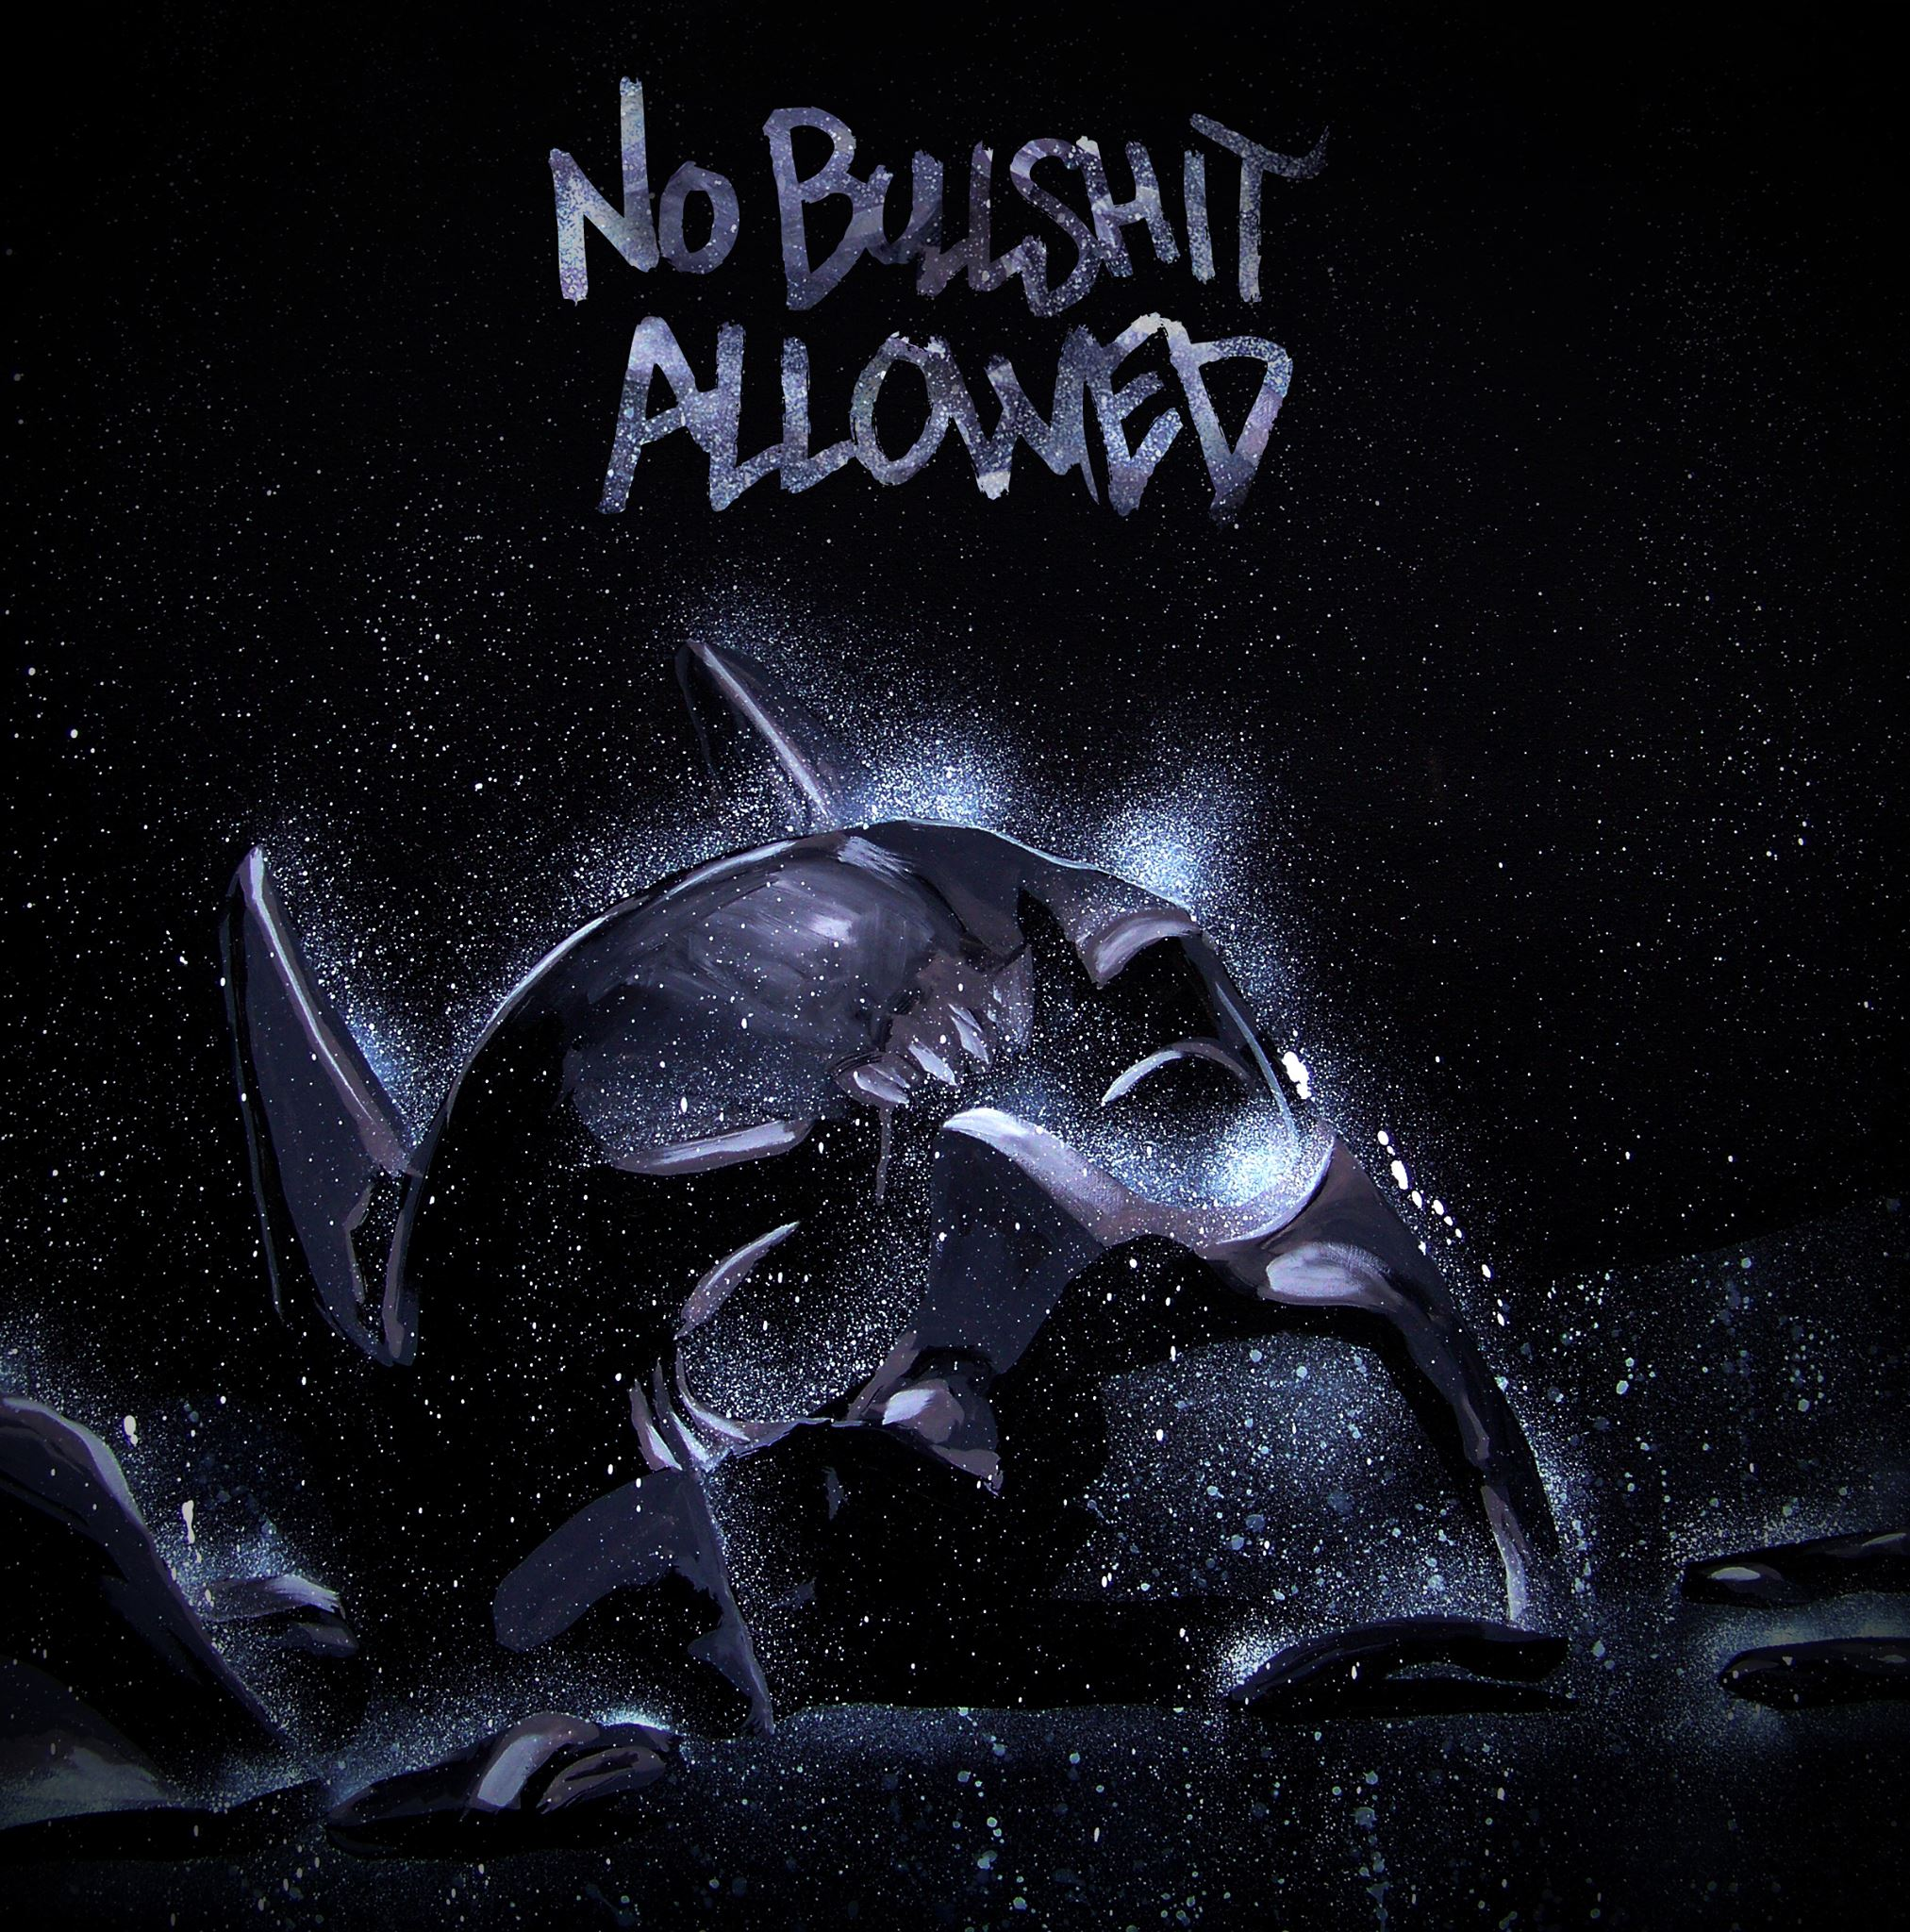 Fuori il primo estratto da 'No Bullshit Allowed Ep' di Arnebeats